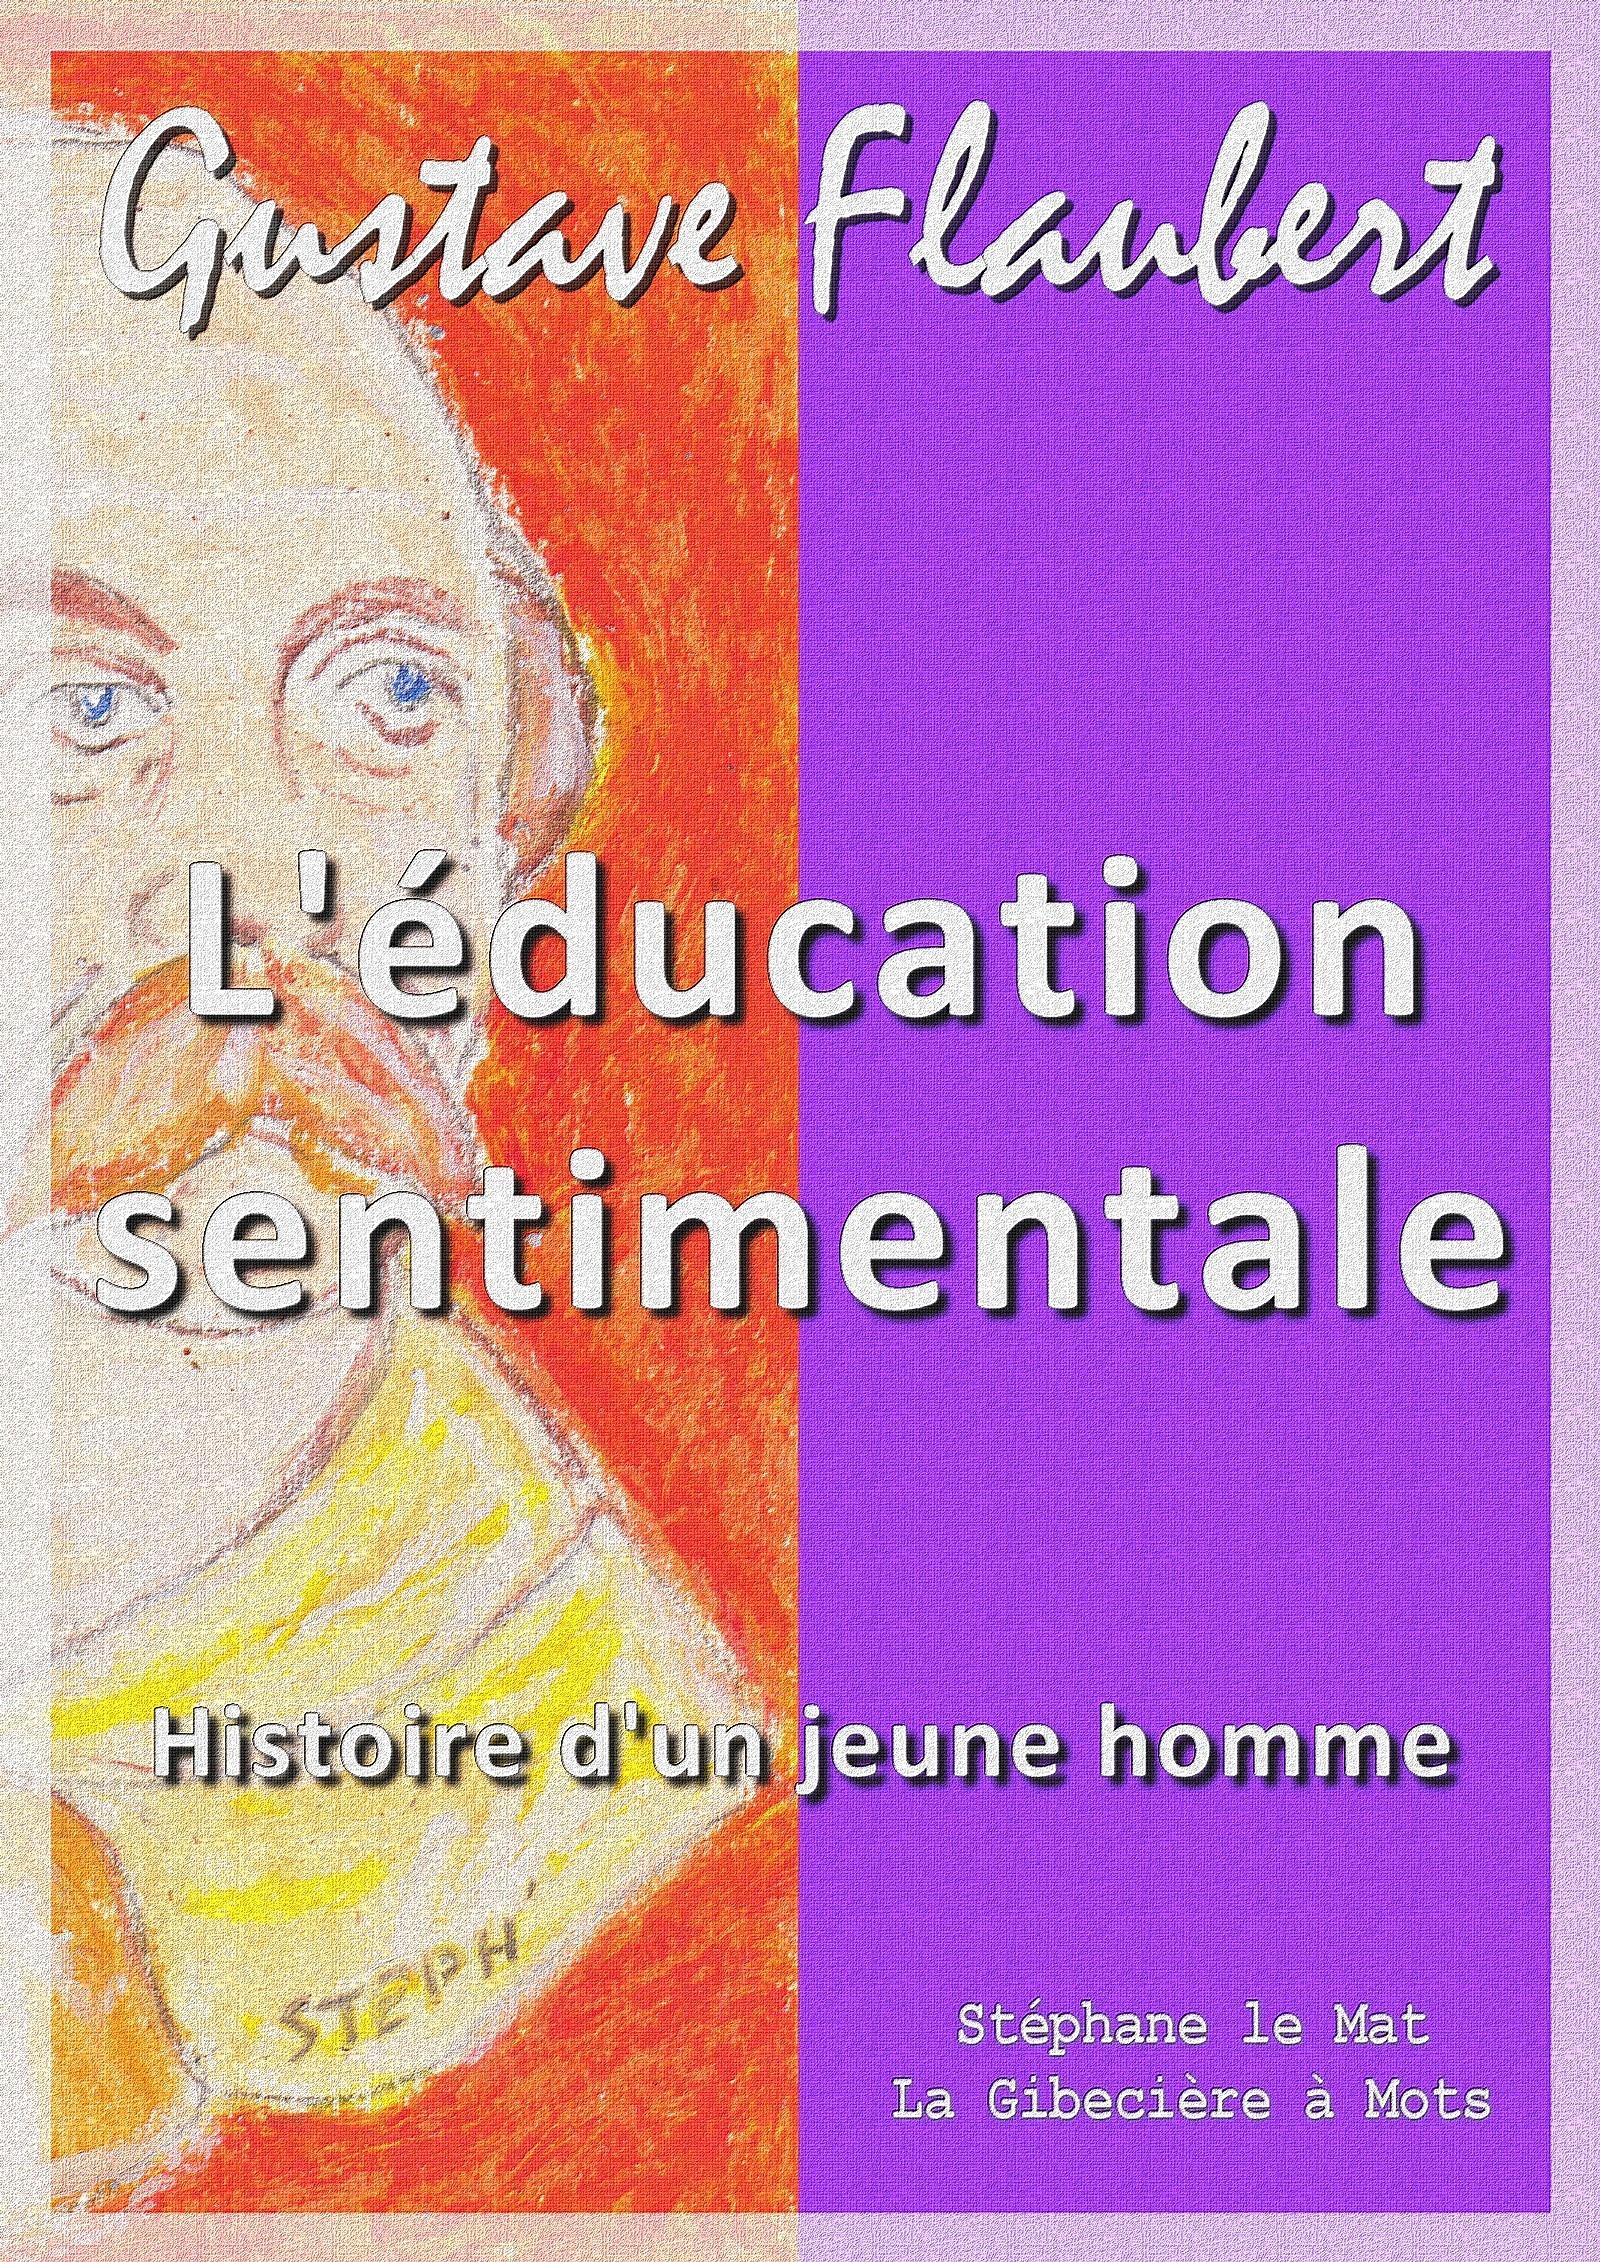 L'éducation sentimentale, HISTOIRE D'UN JEUNE HOMME